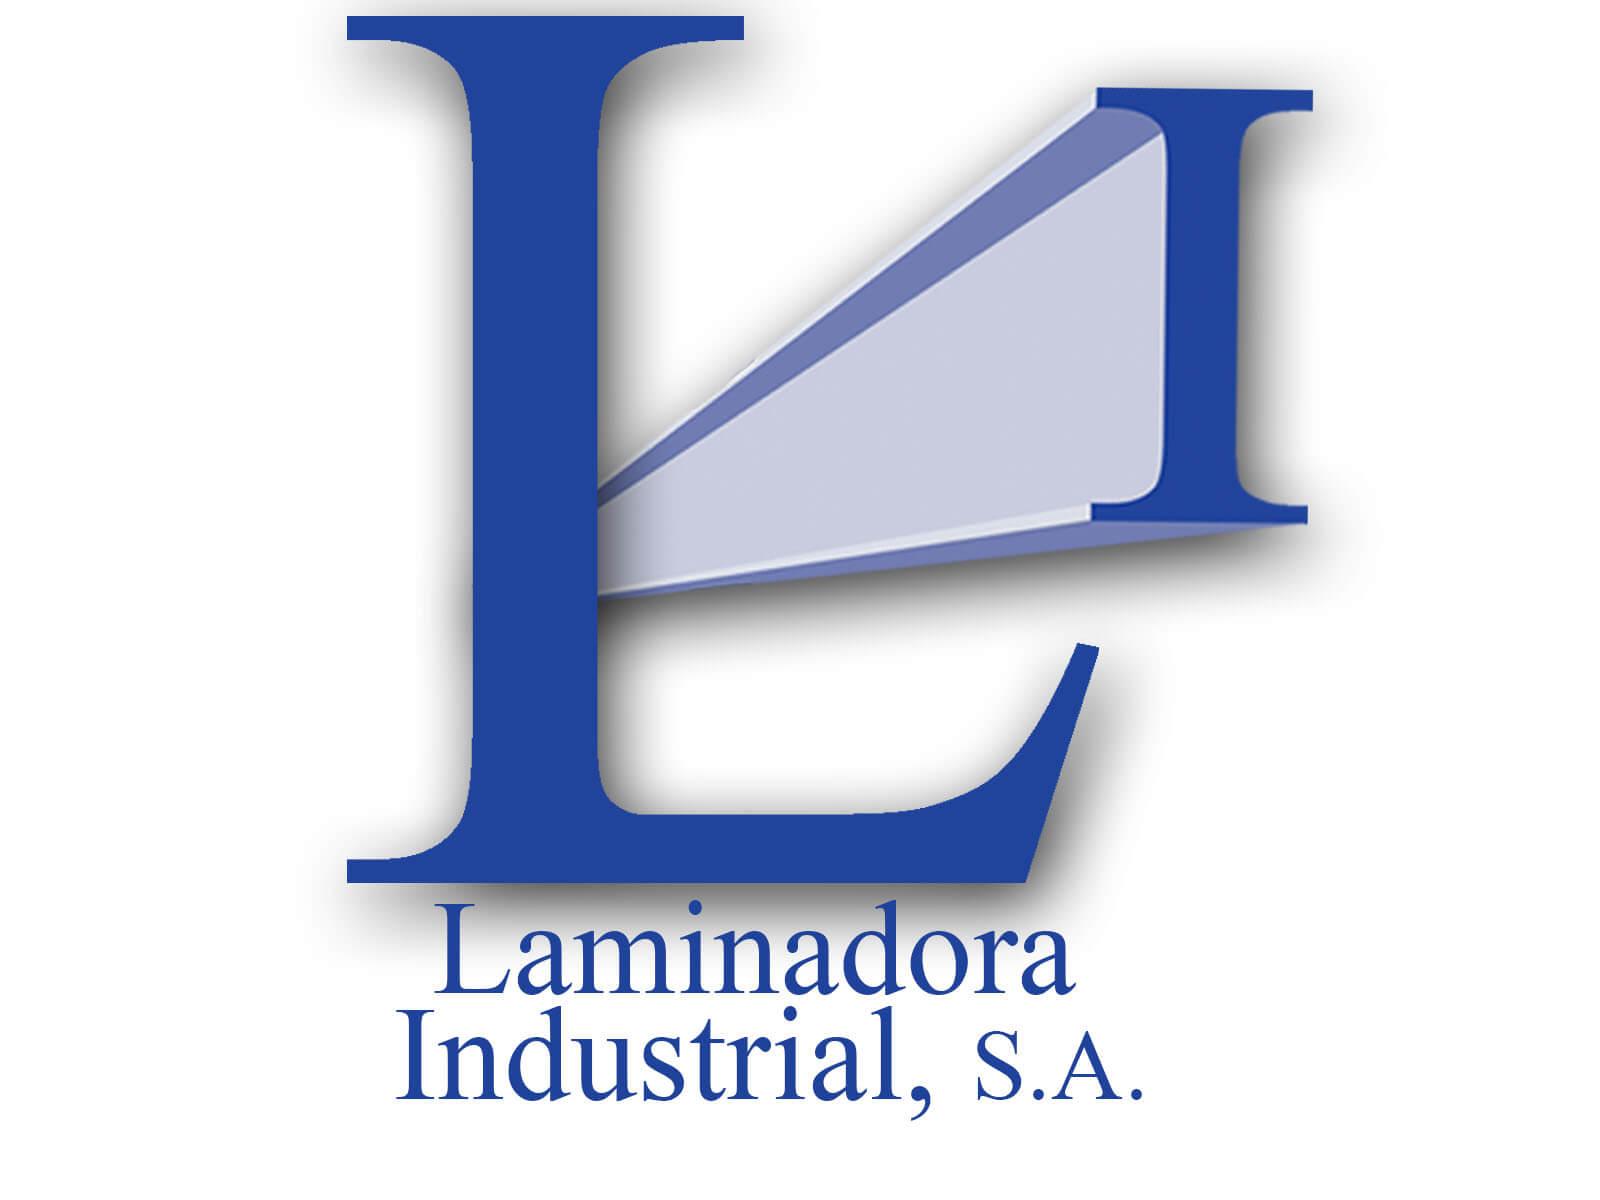 Laminadora Industrial